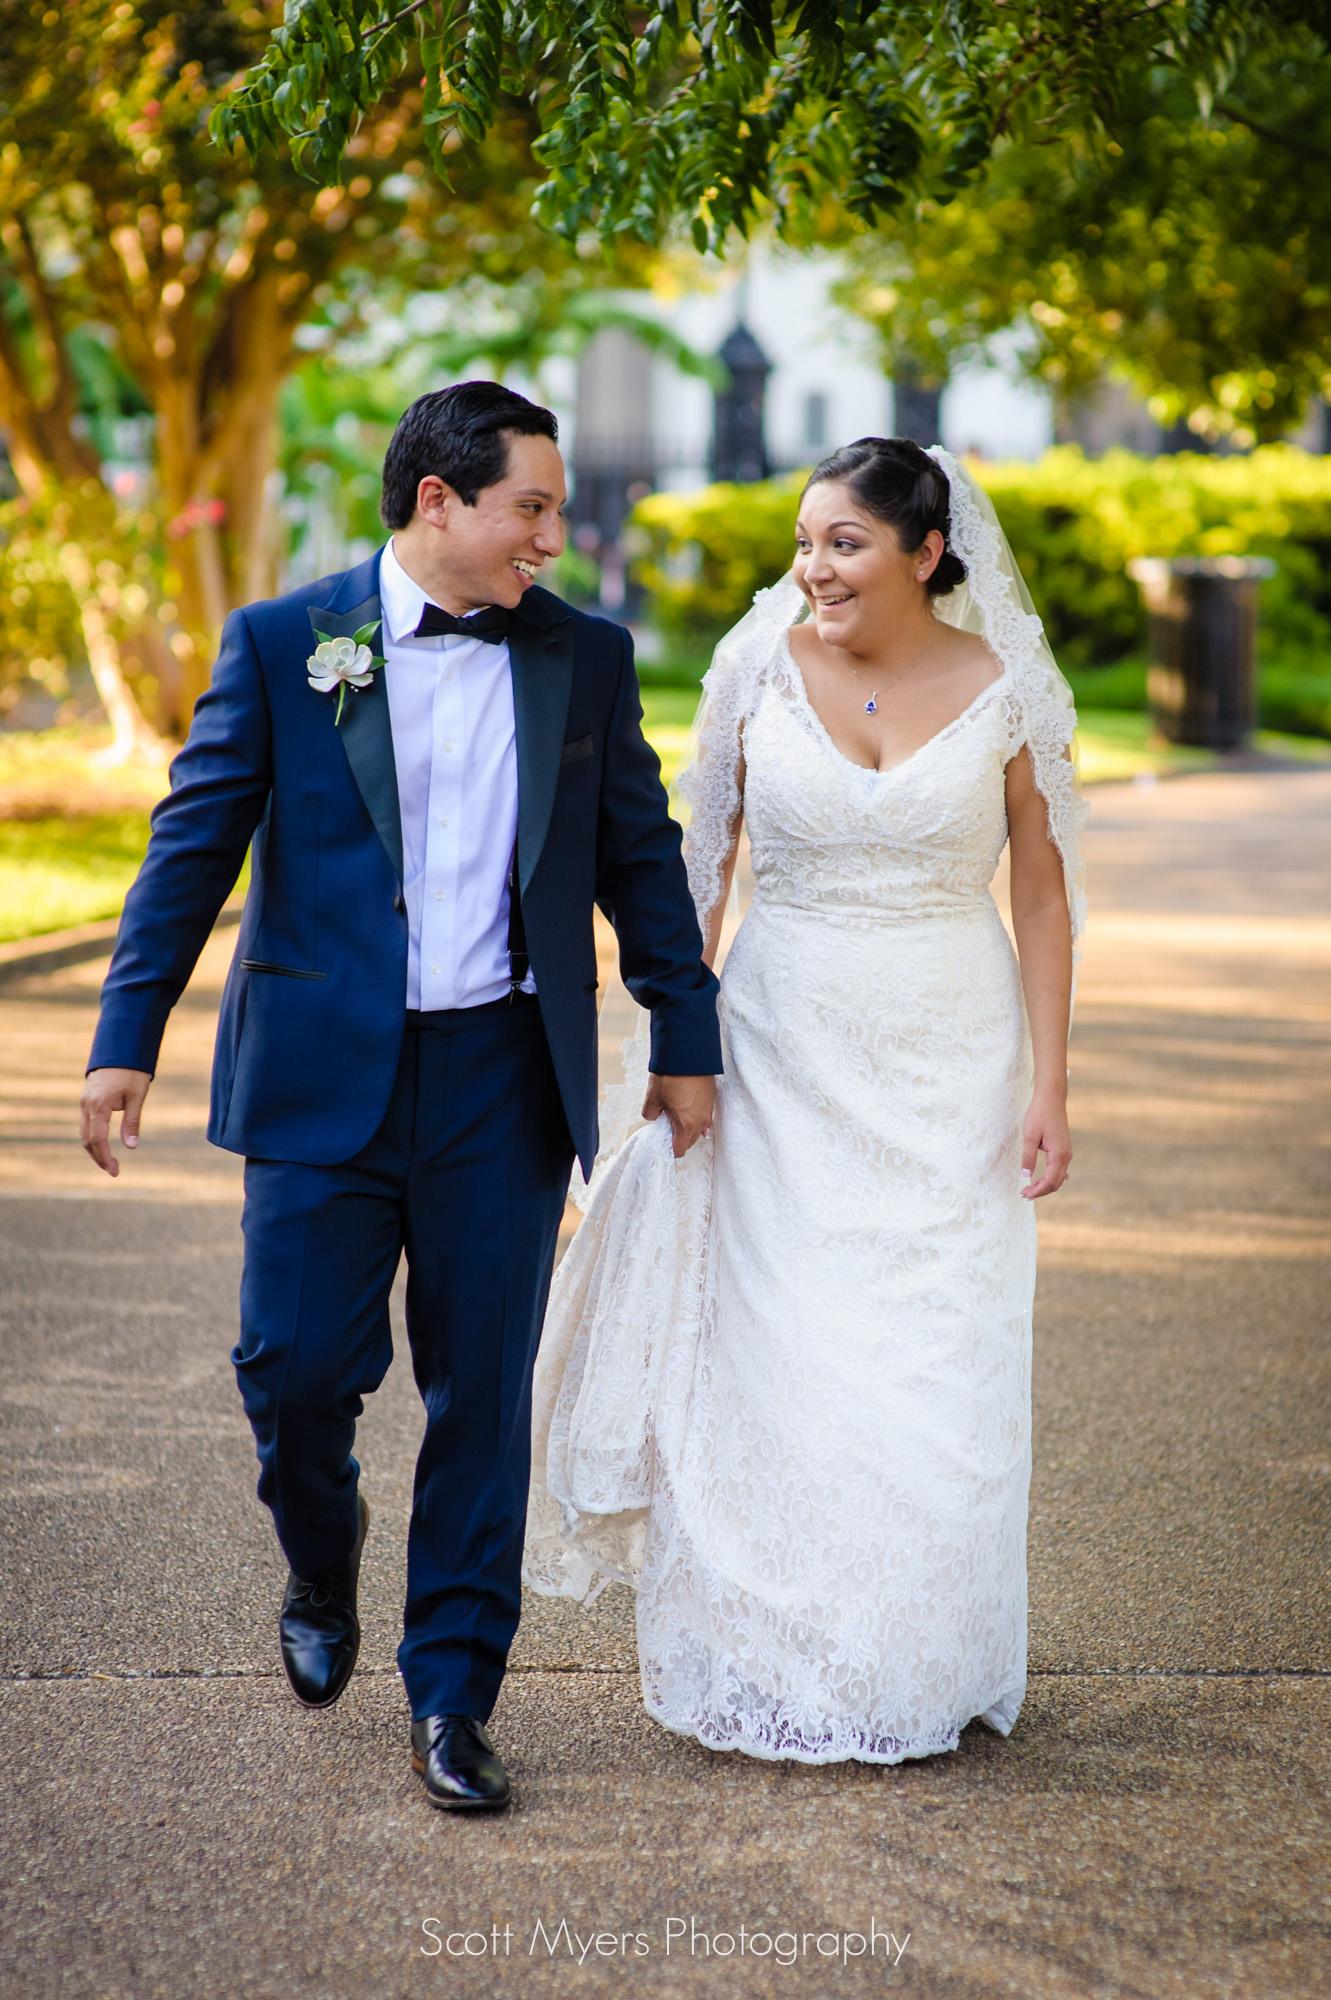 Scott_Myers_Wedding_New_Orleans_031.jpg